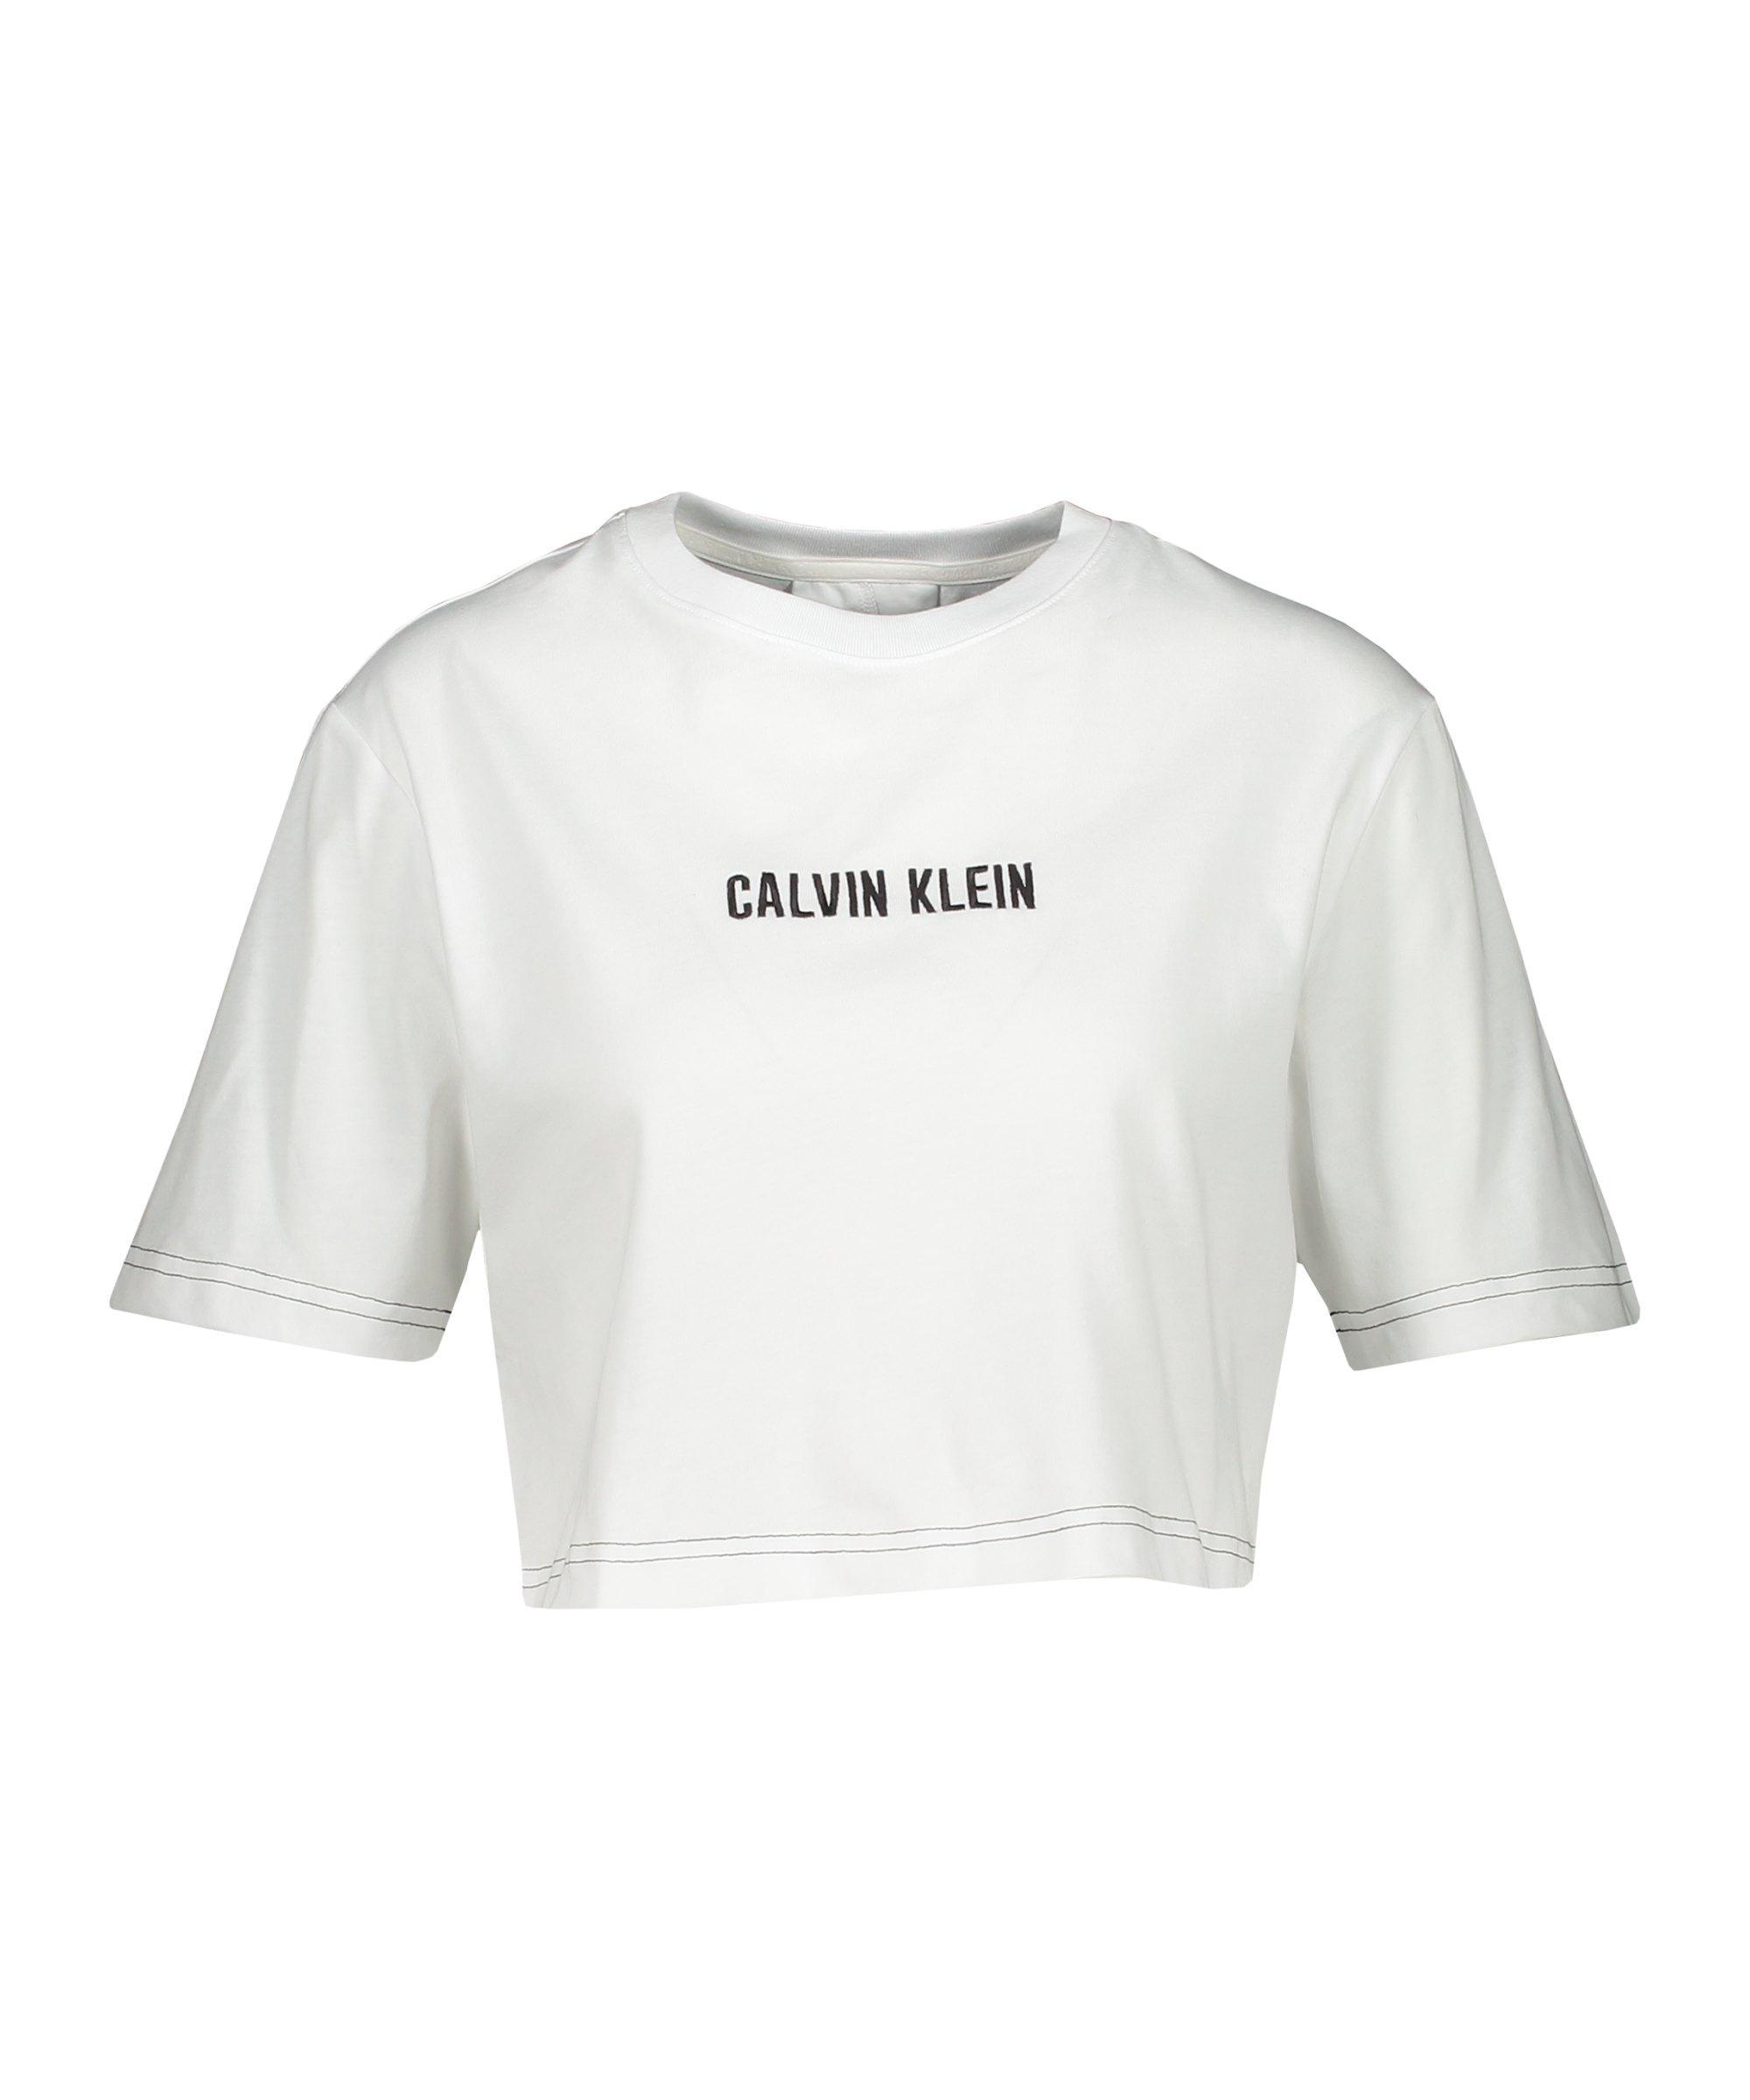 Calvin Klein Open Back Cropped T-Shirt Damen F100 - weiss